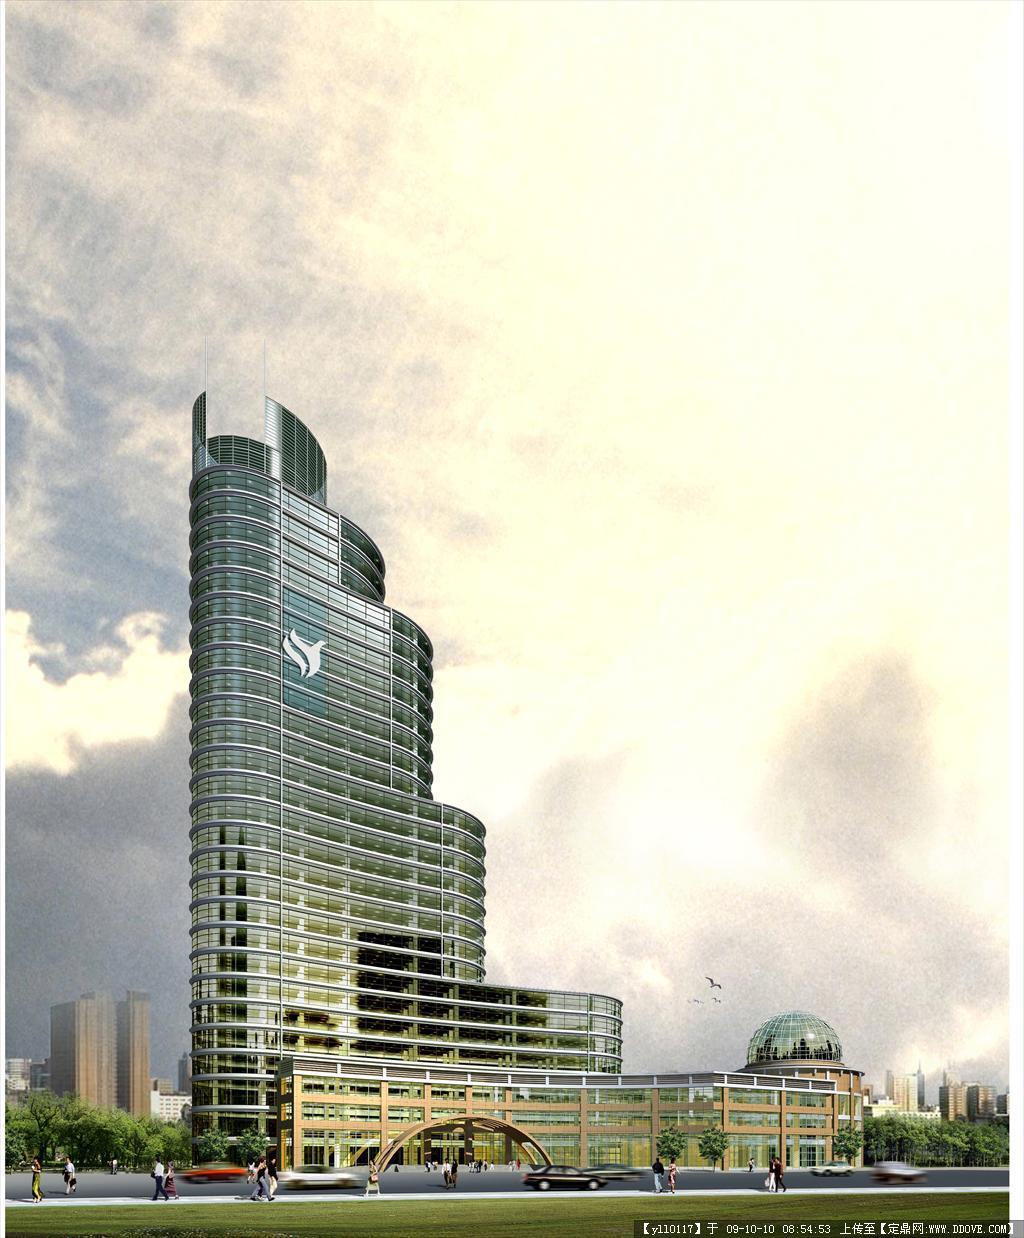 酒店公寓cad图及效果图的下载地址,建筑方案图纸,宾馆